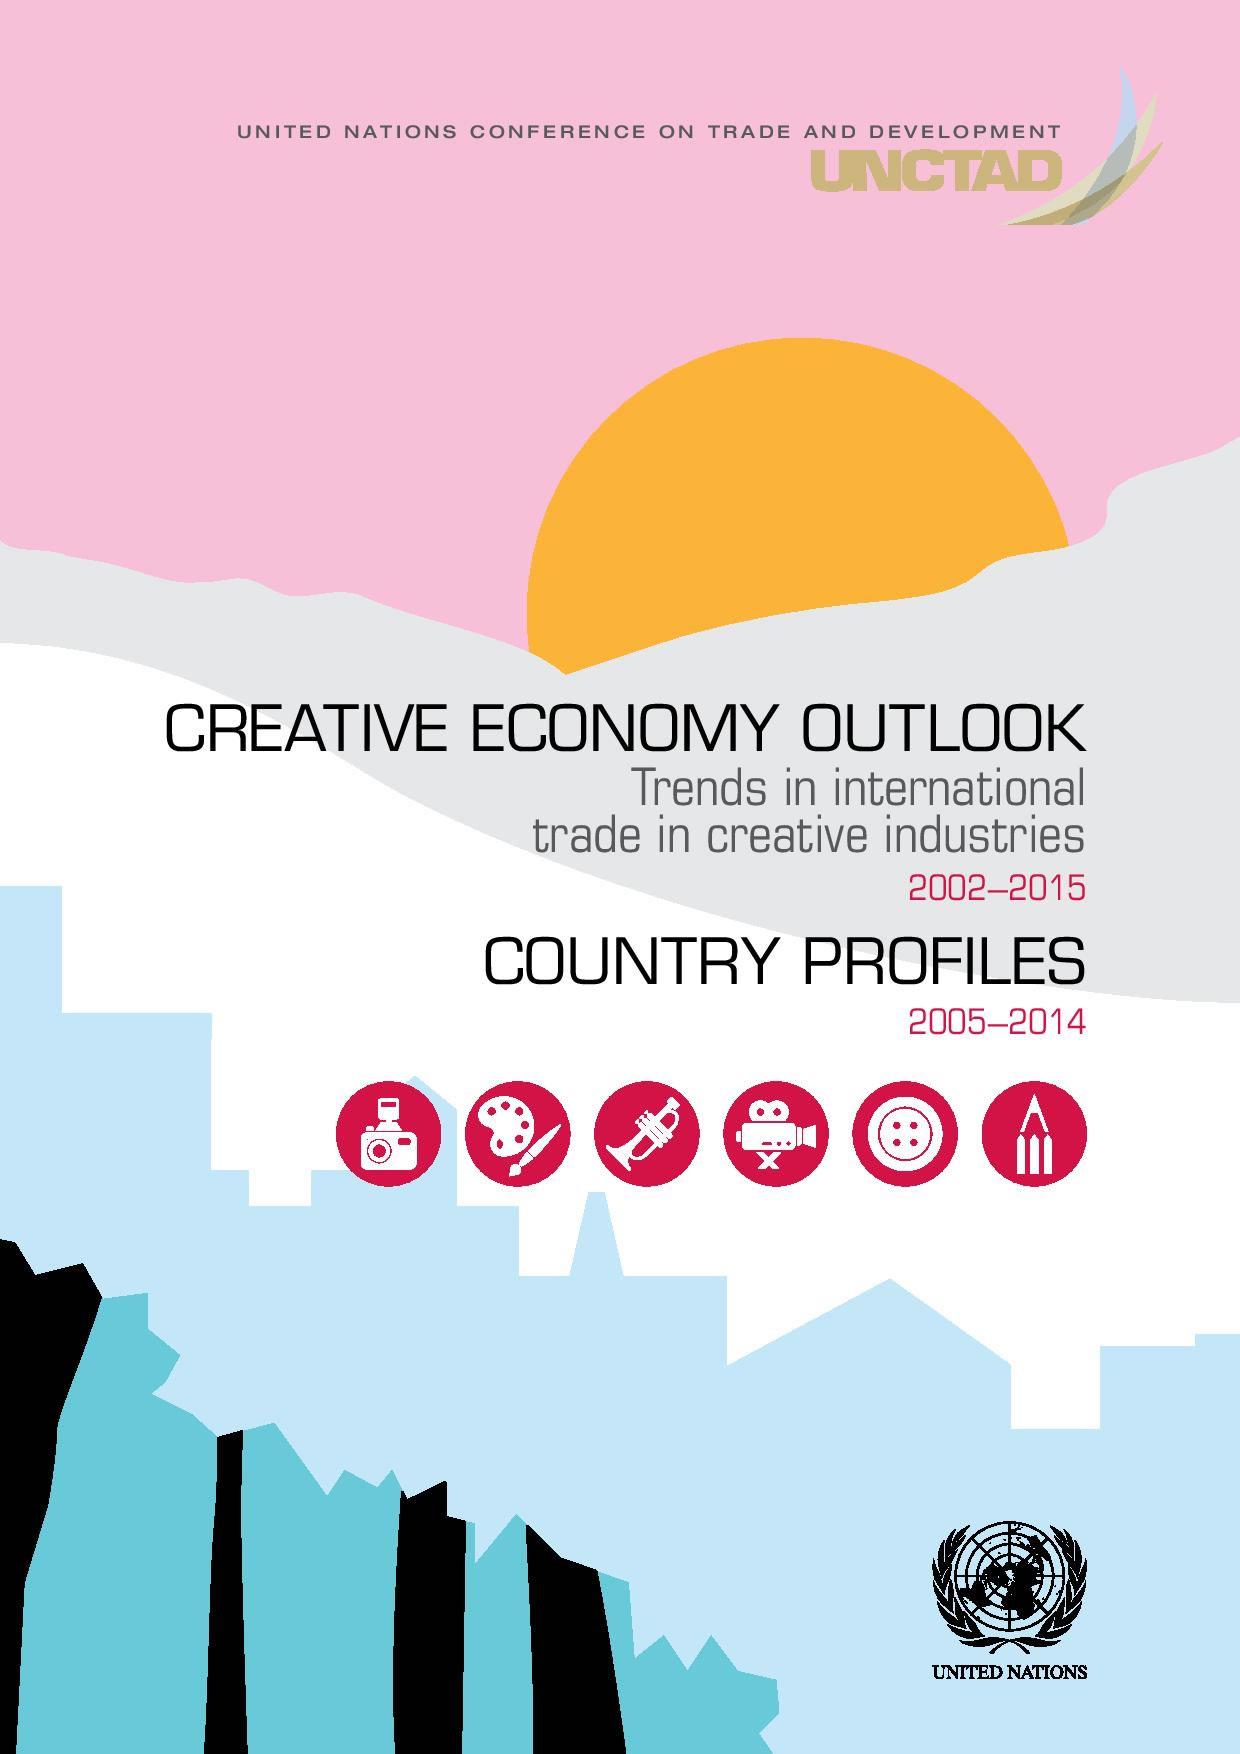 Creative Economy Outlook 2018